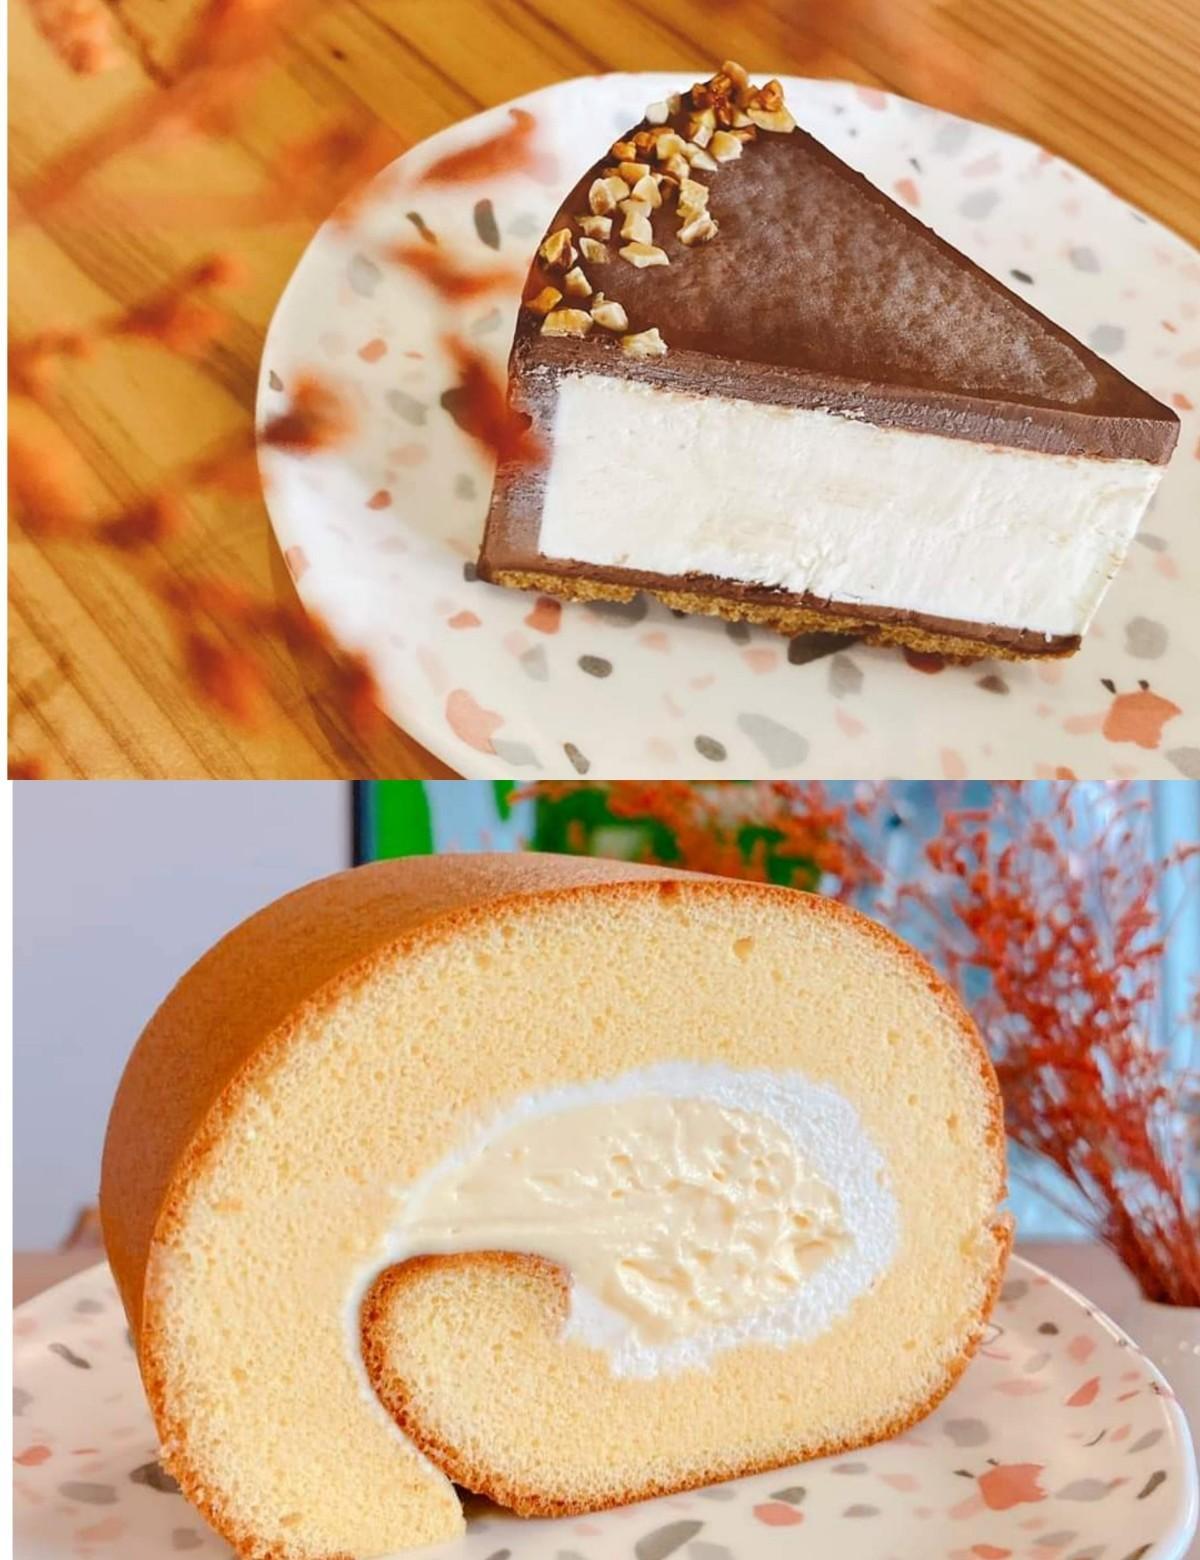 西門dessert  泡芙控千萬不能錯過,假日才吃得到的快閃豐盛泡芙-品。好乳酪蛋糕-發胖板 PopDaily 波波黛莉